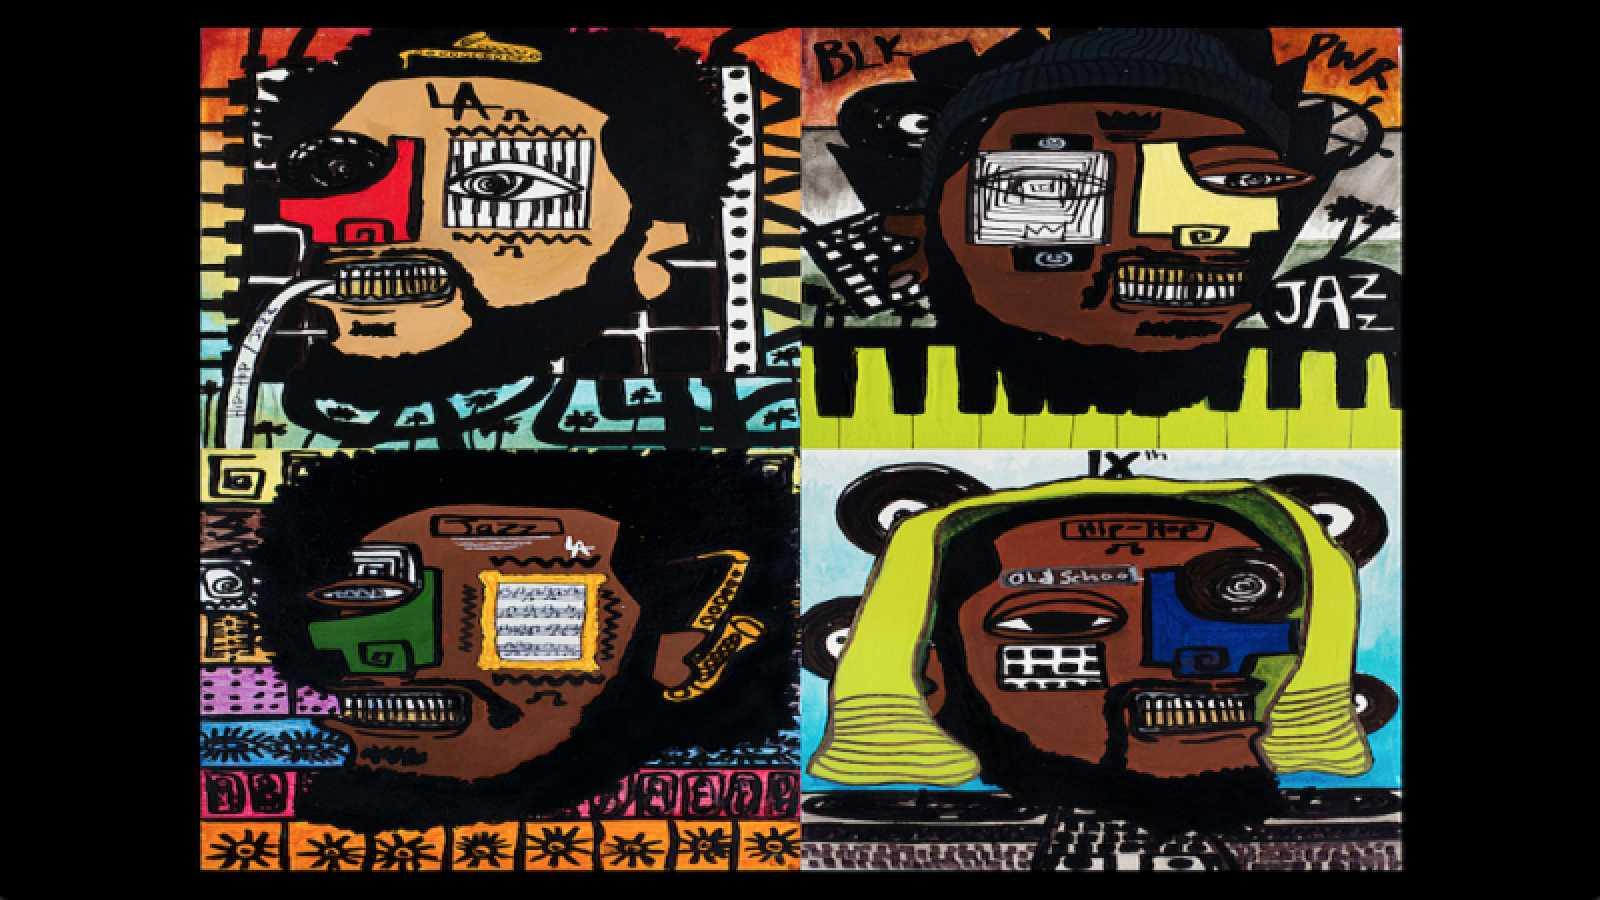 Próxima parada - Róisín Murphy & Soul II Soul - 06/10/20 - escuchar ahora